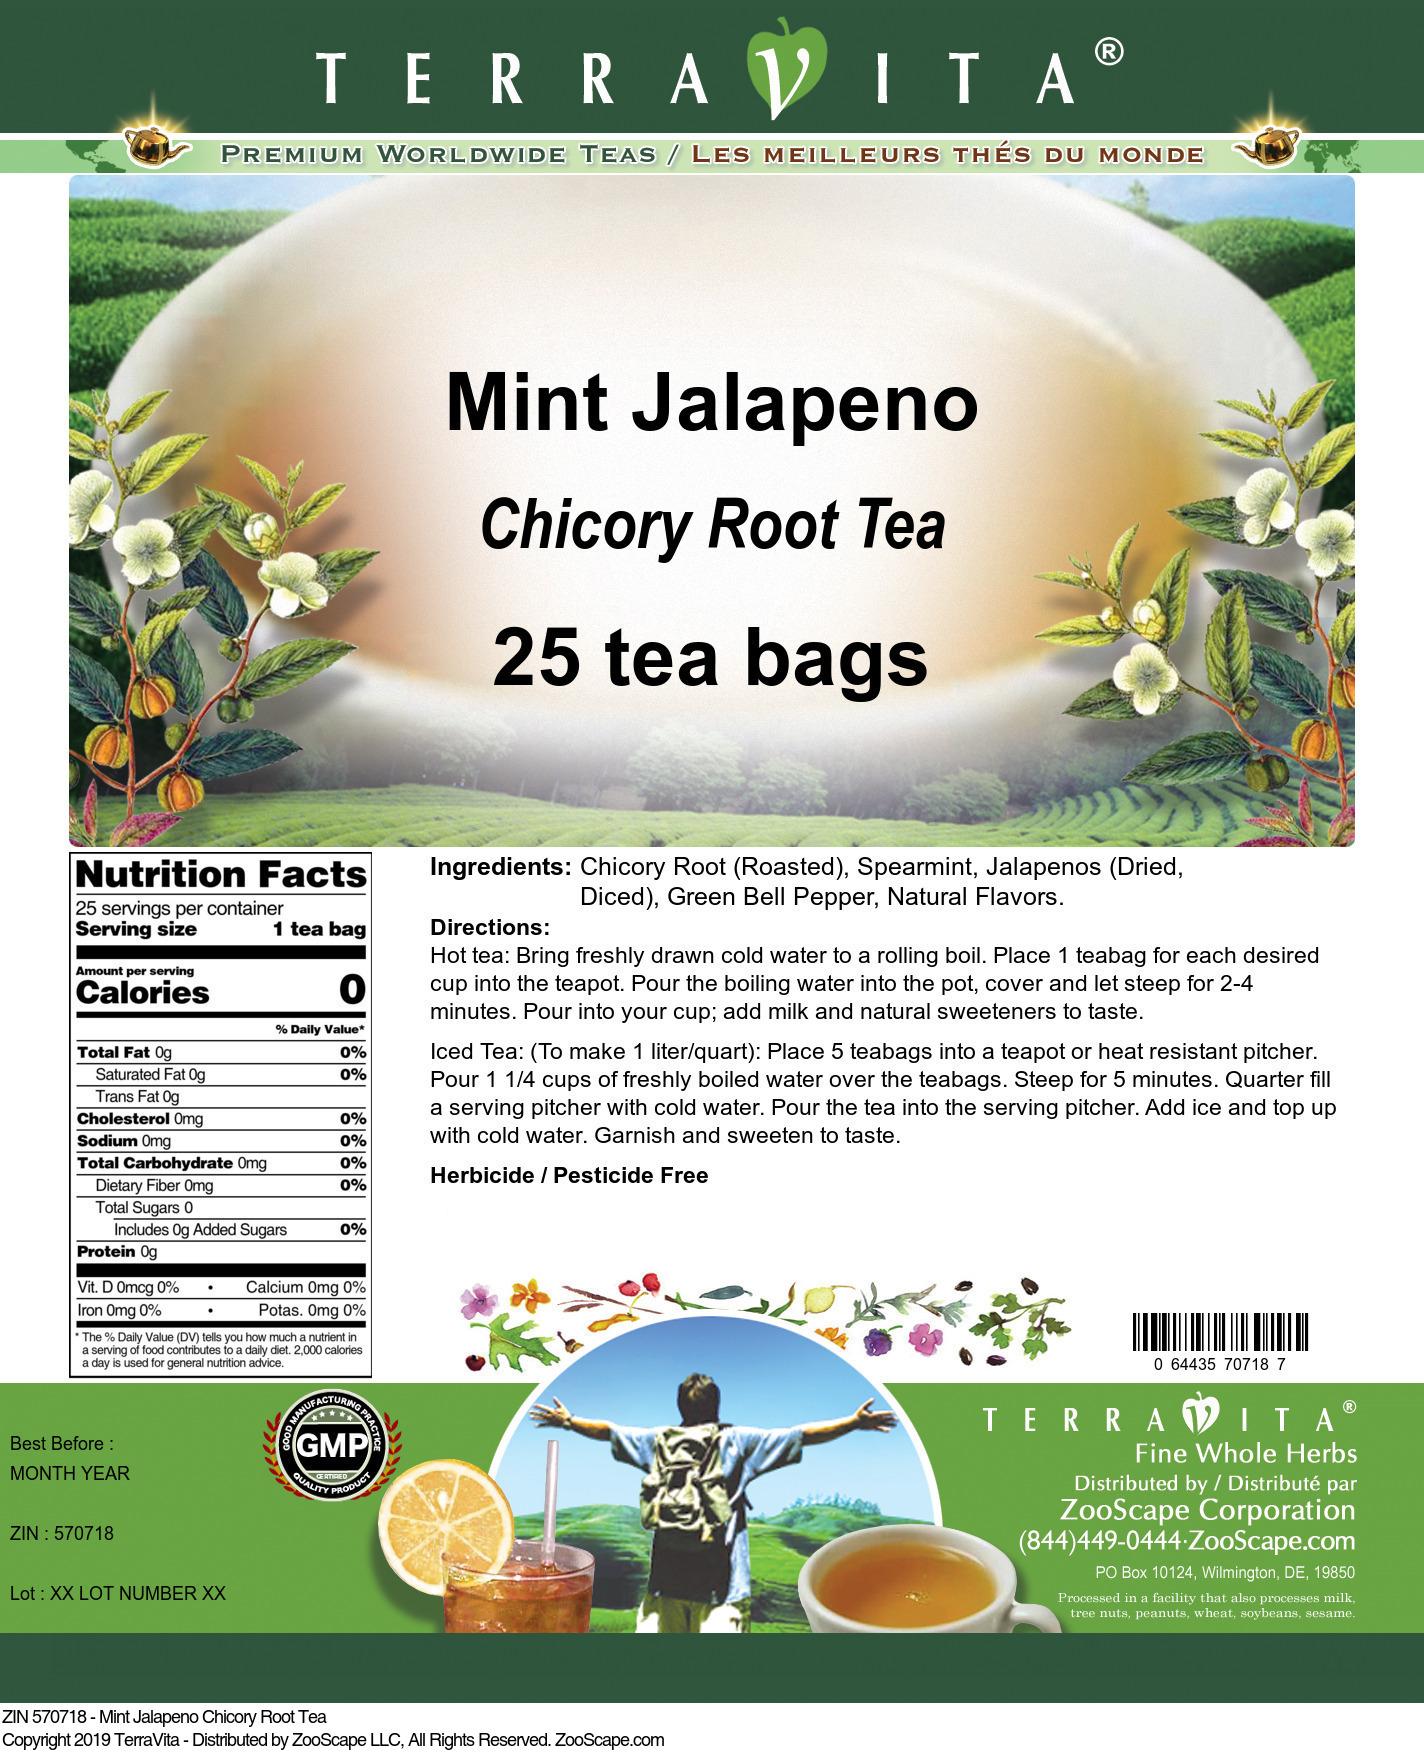 Mint Jalapeno Chicory Root